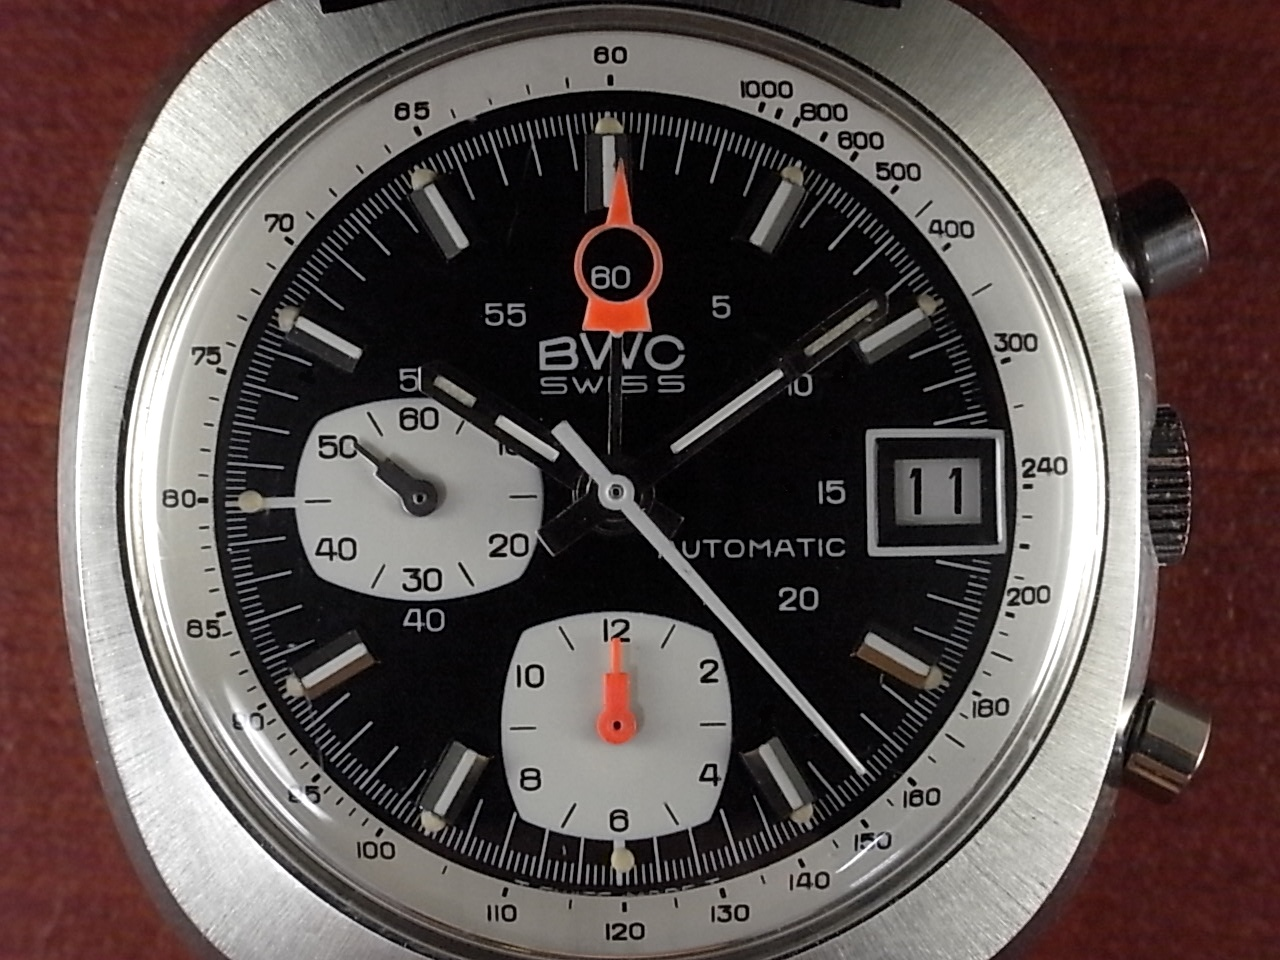 BWC クロノグラフ オートマチック レマニアCal.1340 ミントコンディション 1970年代の写真2枚目